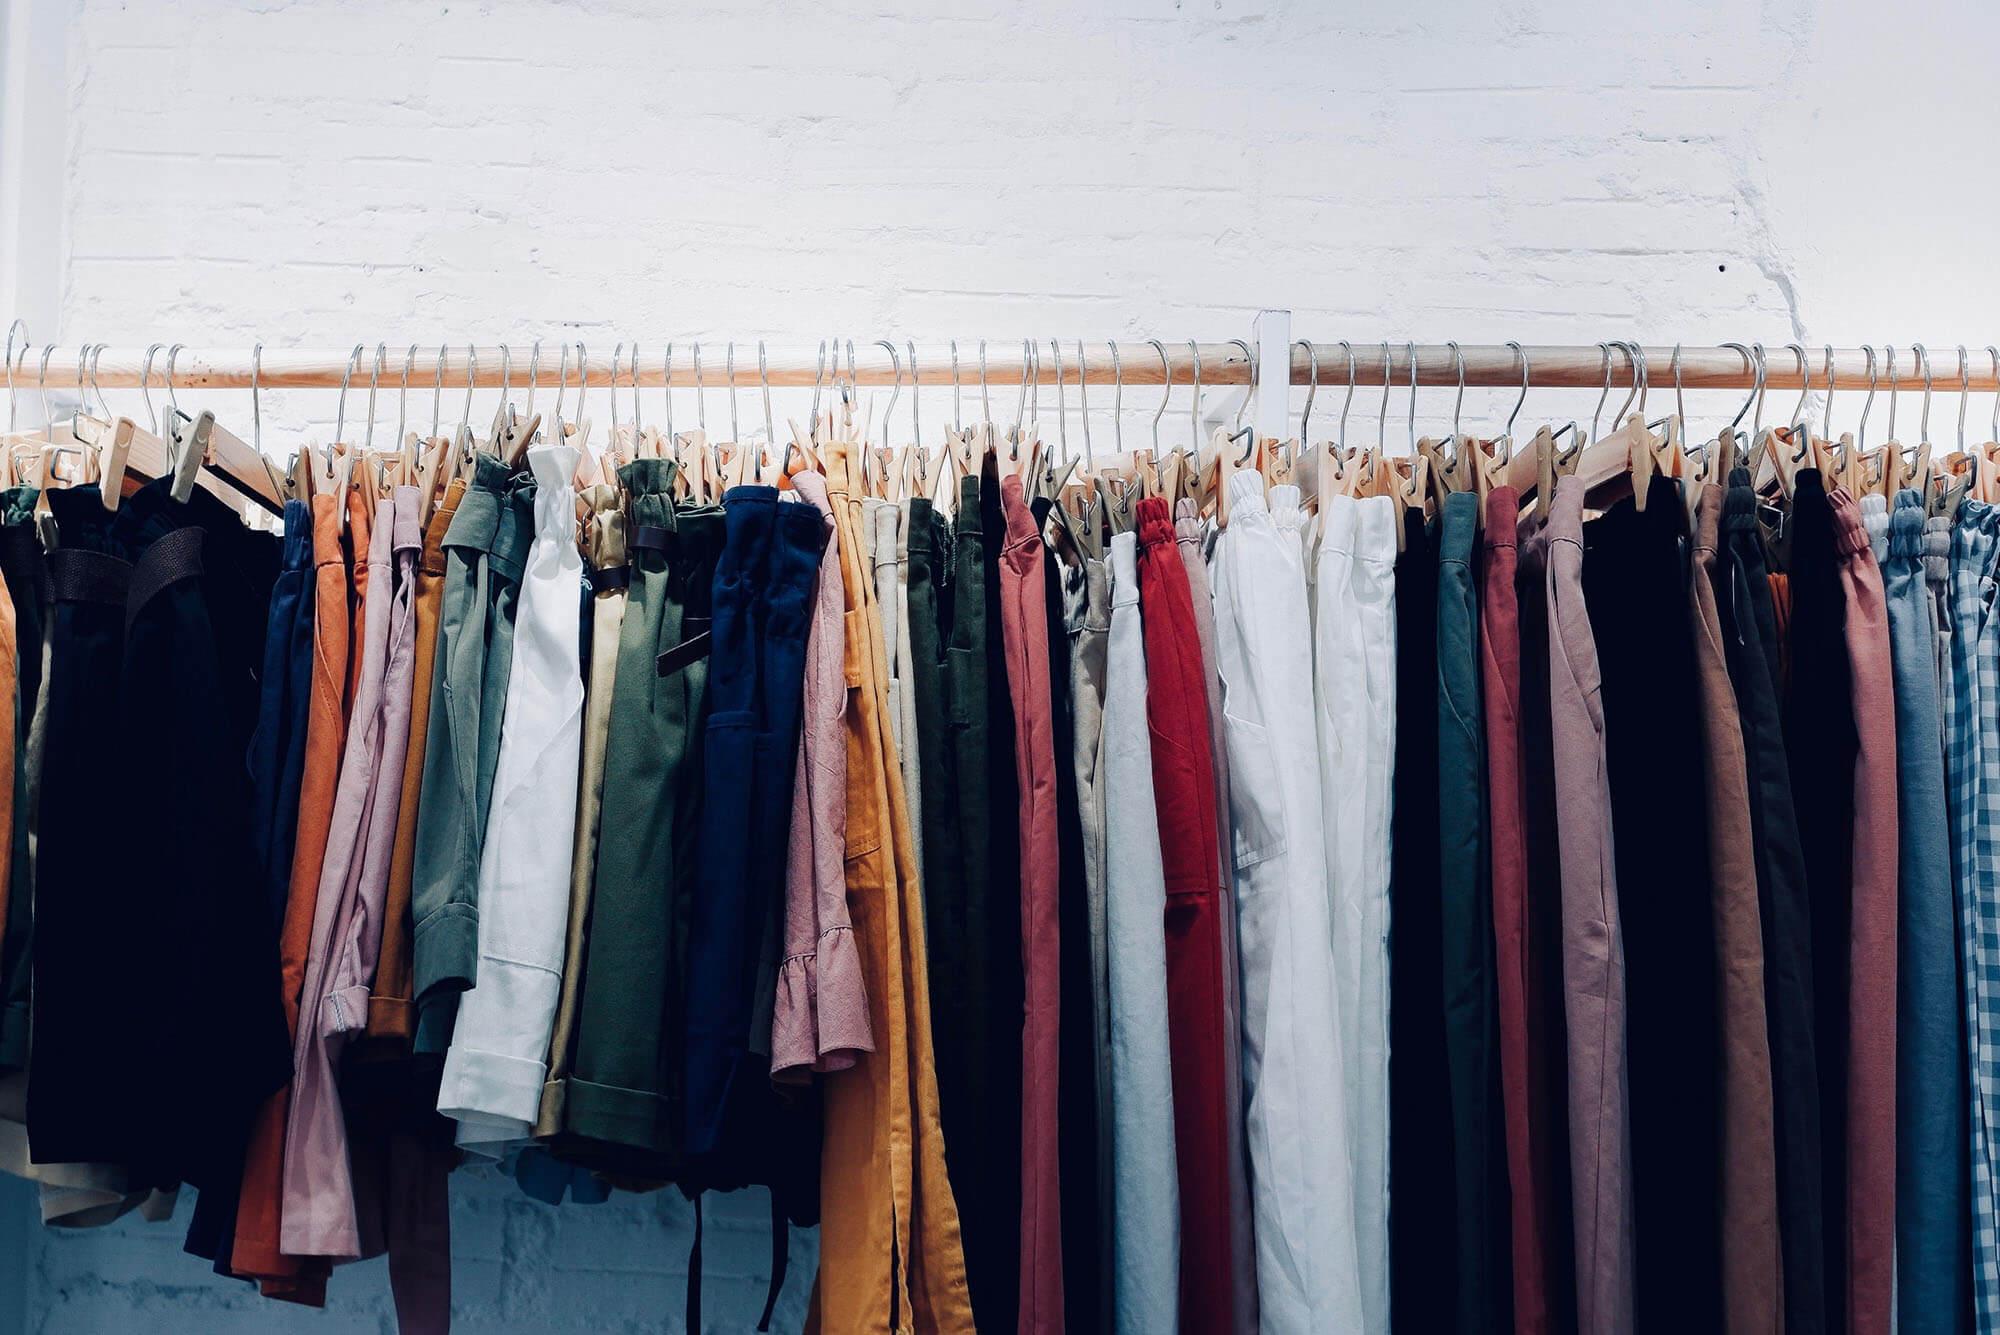 Duurzaam én Betaalbaar: 7 Fantastische Modemerken Op Een Rij